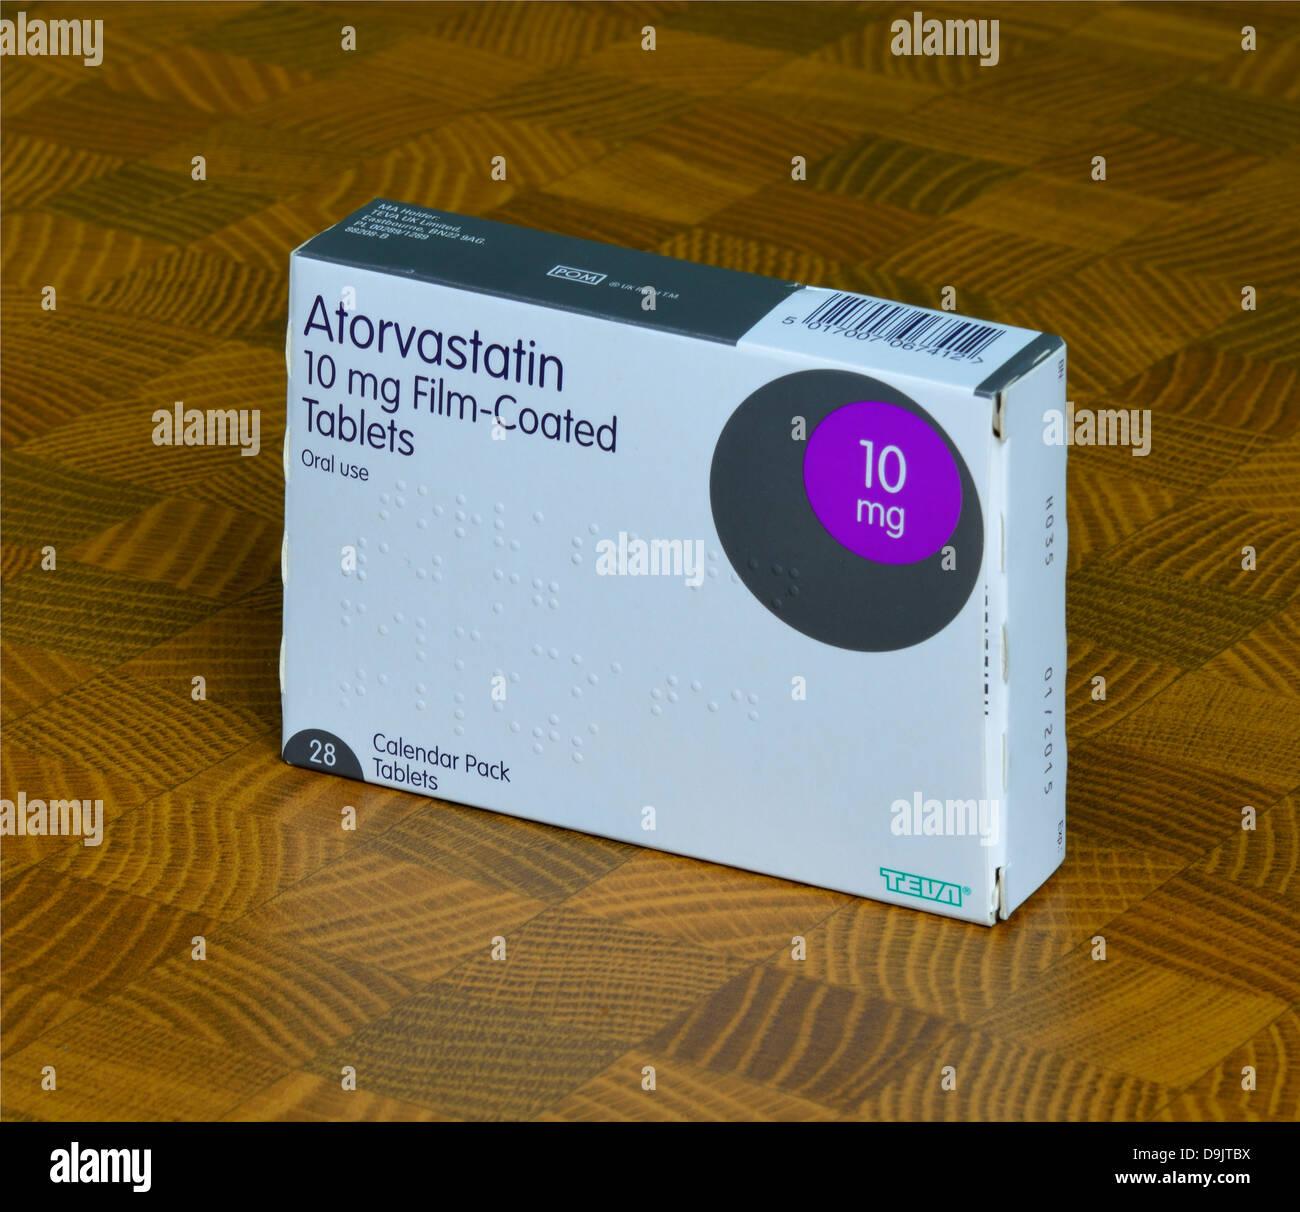 Atorvastatin 10 mg tabletten.doc - Atorvastatin 10mg Film Coated Tablets Pack 28 Calendar Pack Tablets Oral Use